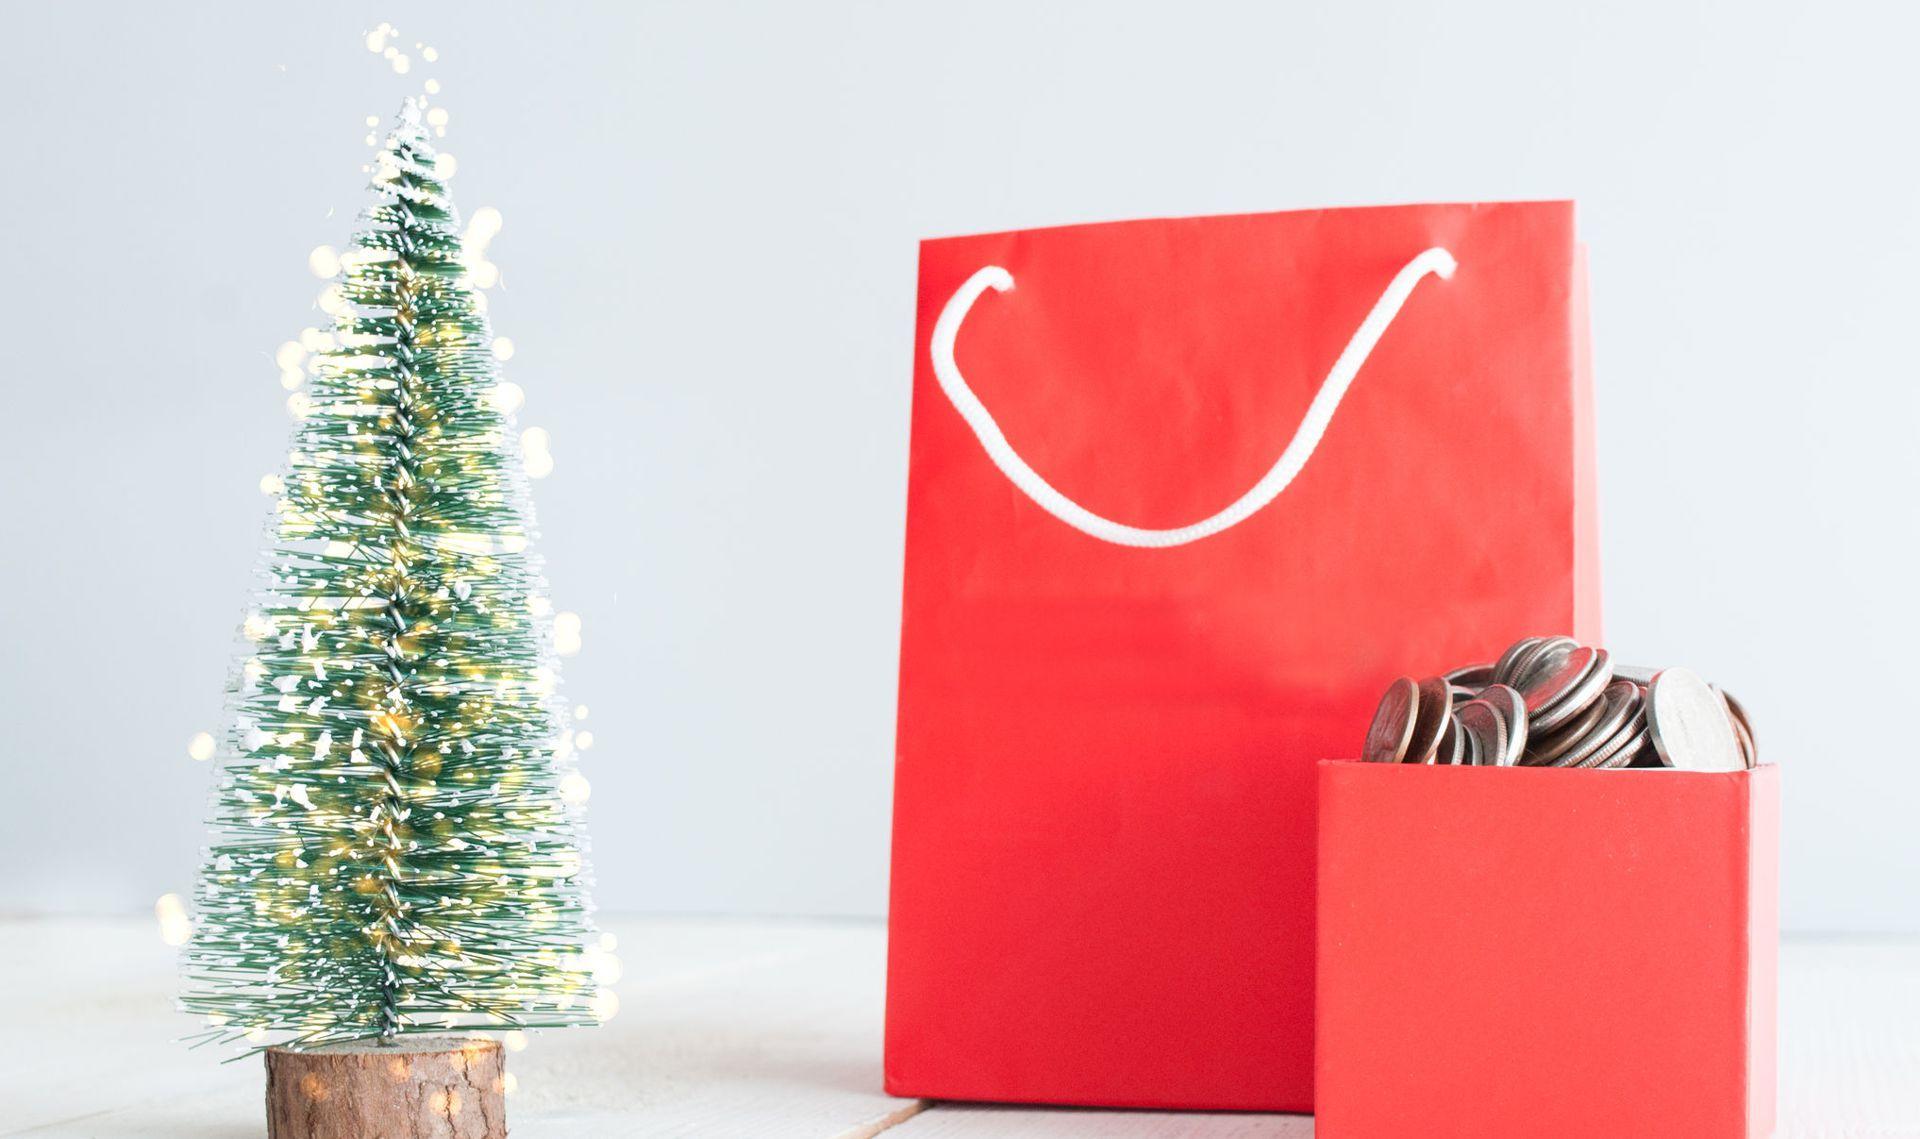 Vydělejte ještě na Vánoce, zálohy od 1.dne